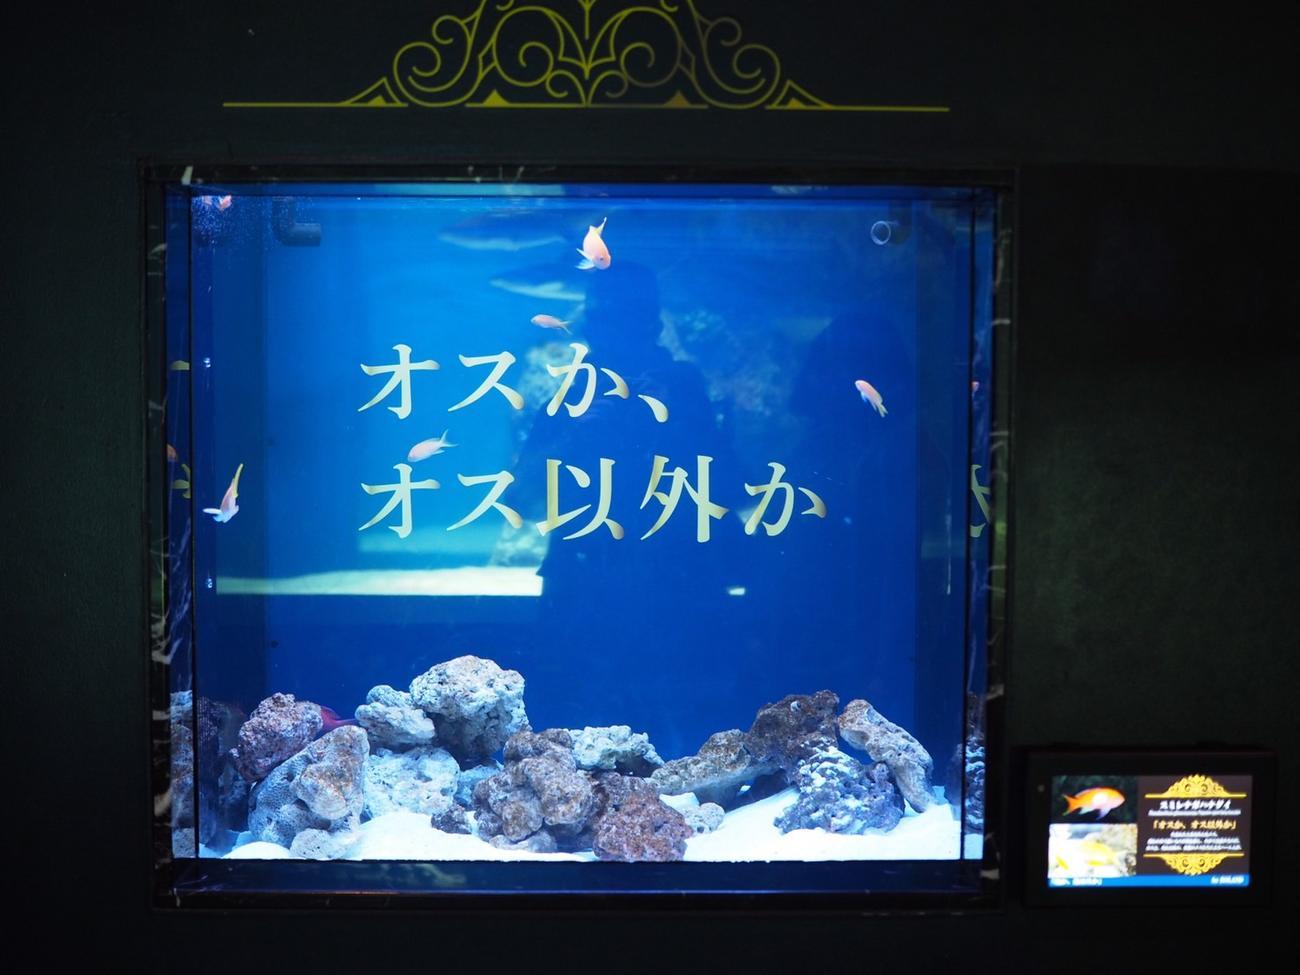 ホスト界の帝王・ローランドとコラボレーションしたアクアパーク品川に展示されている水槽